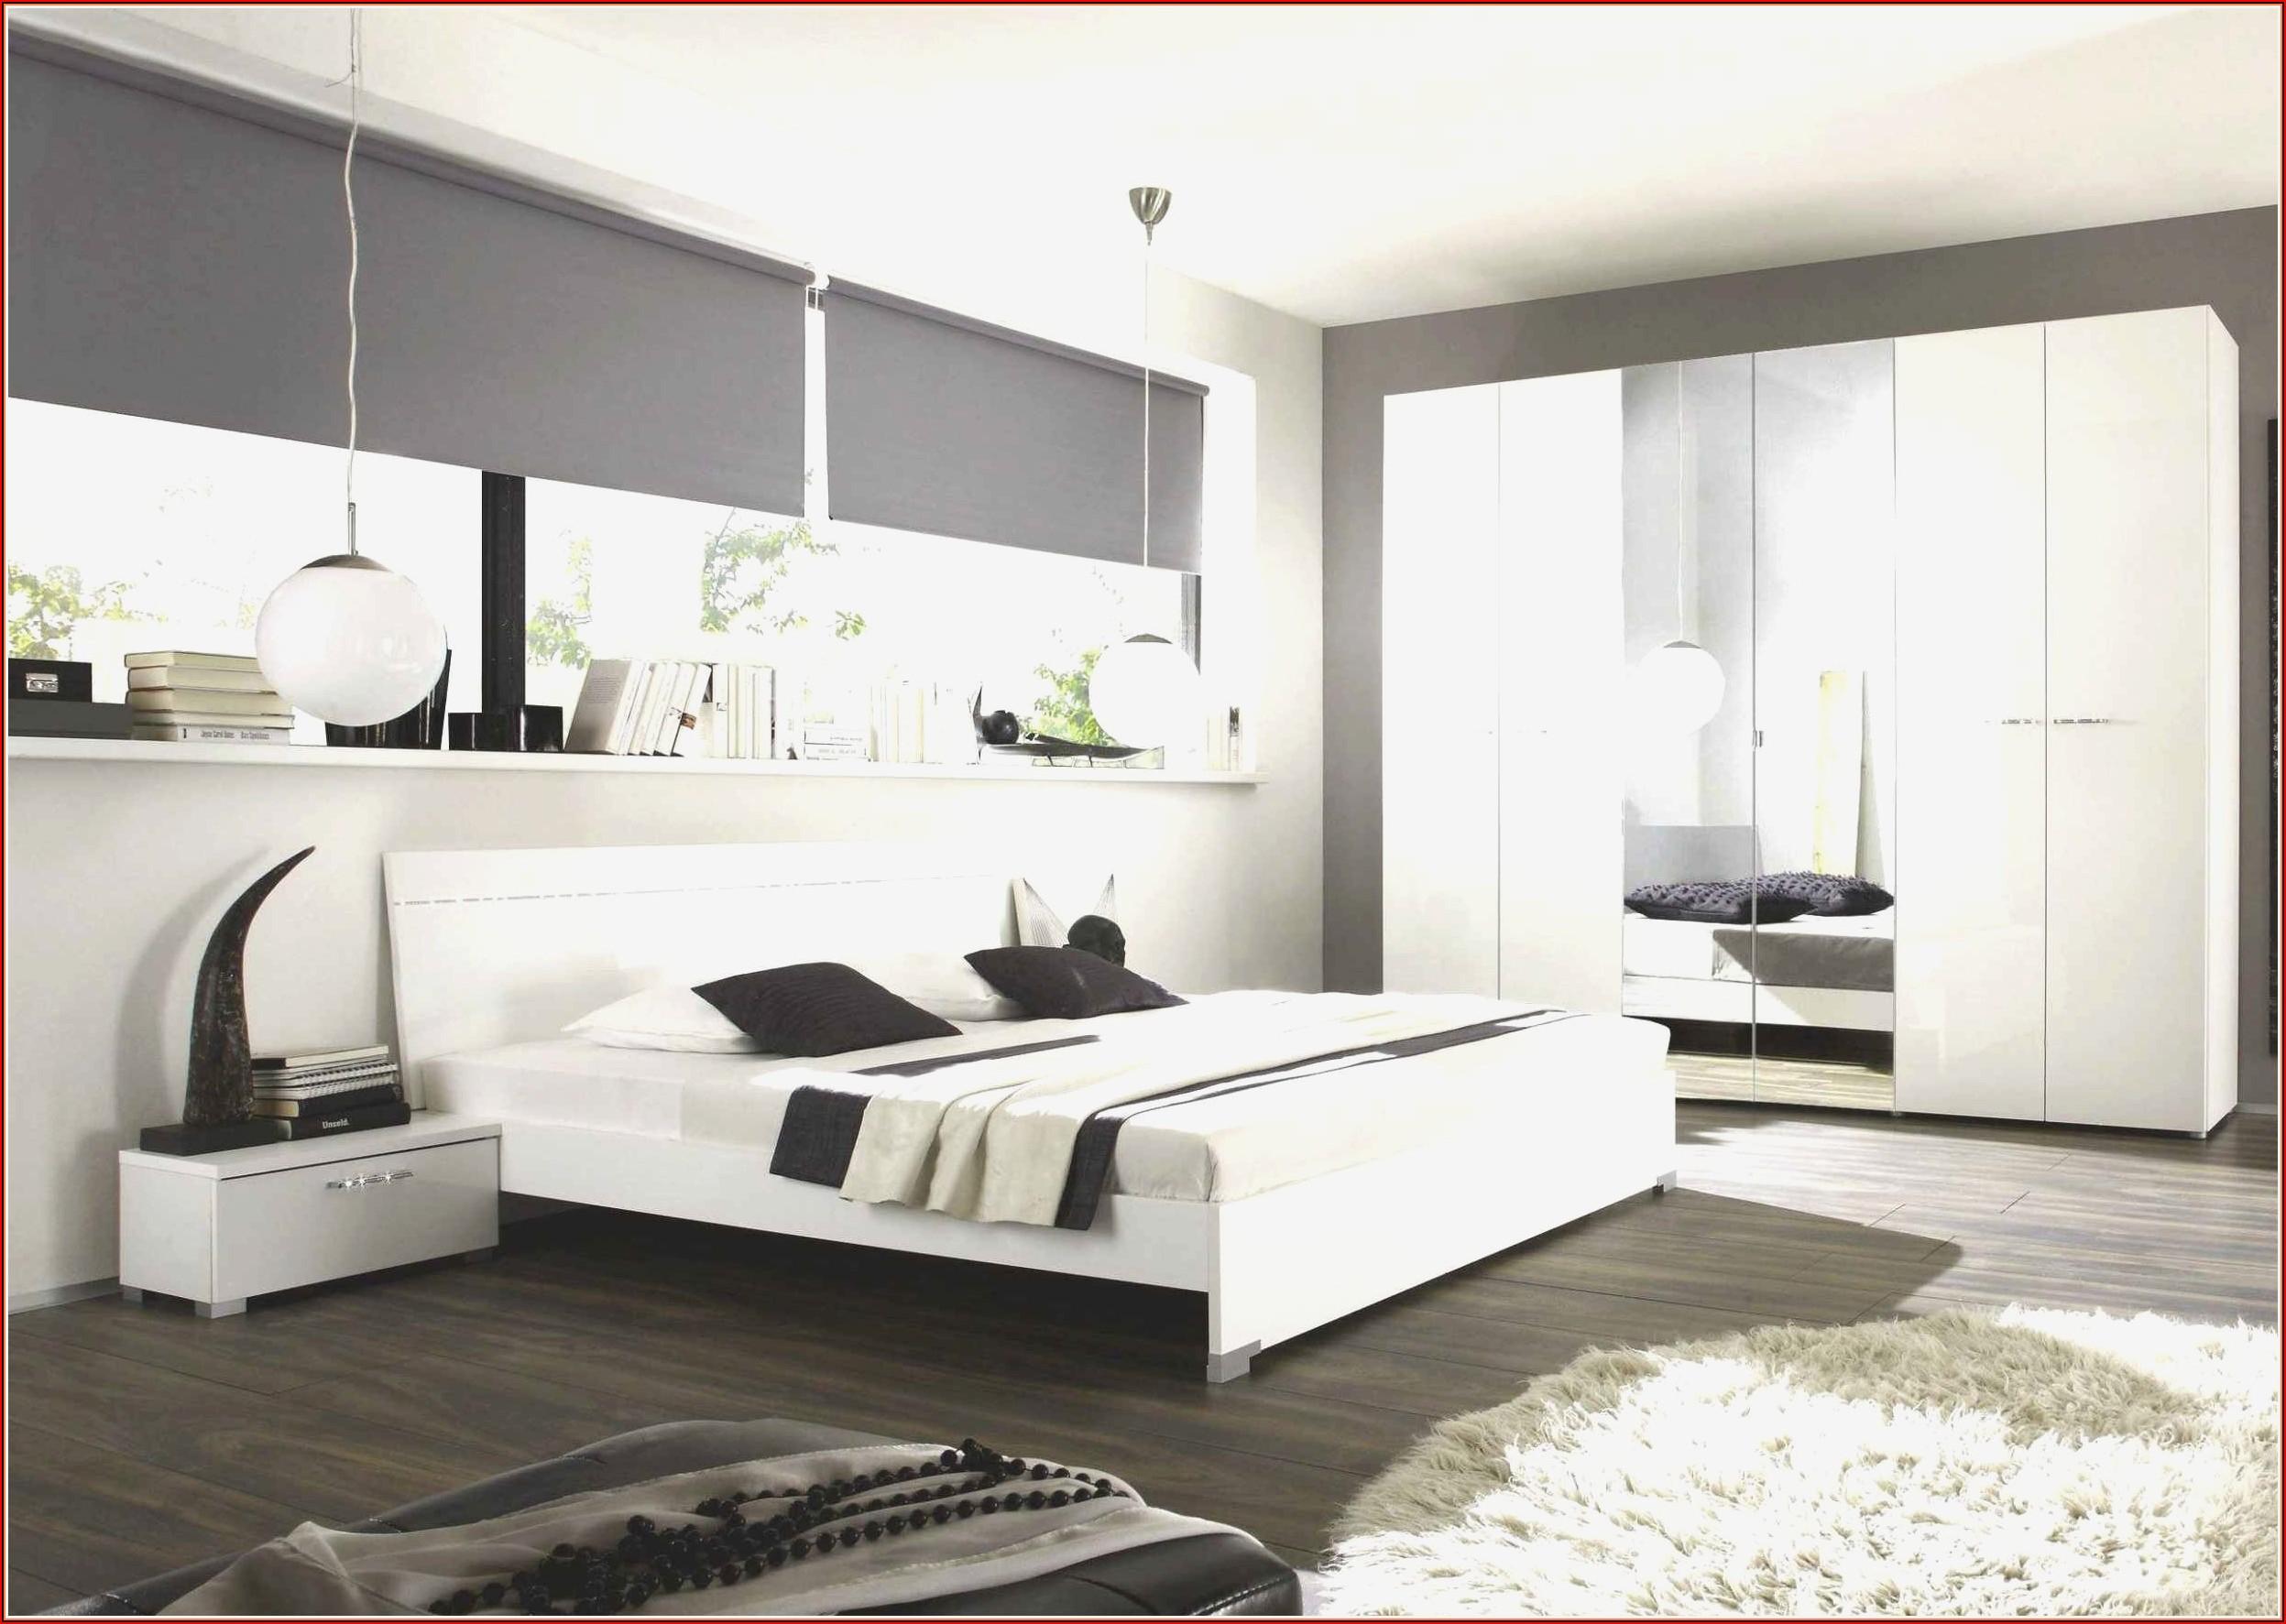 komplett schlafzimmer ikea  schlafzimmer  house und